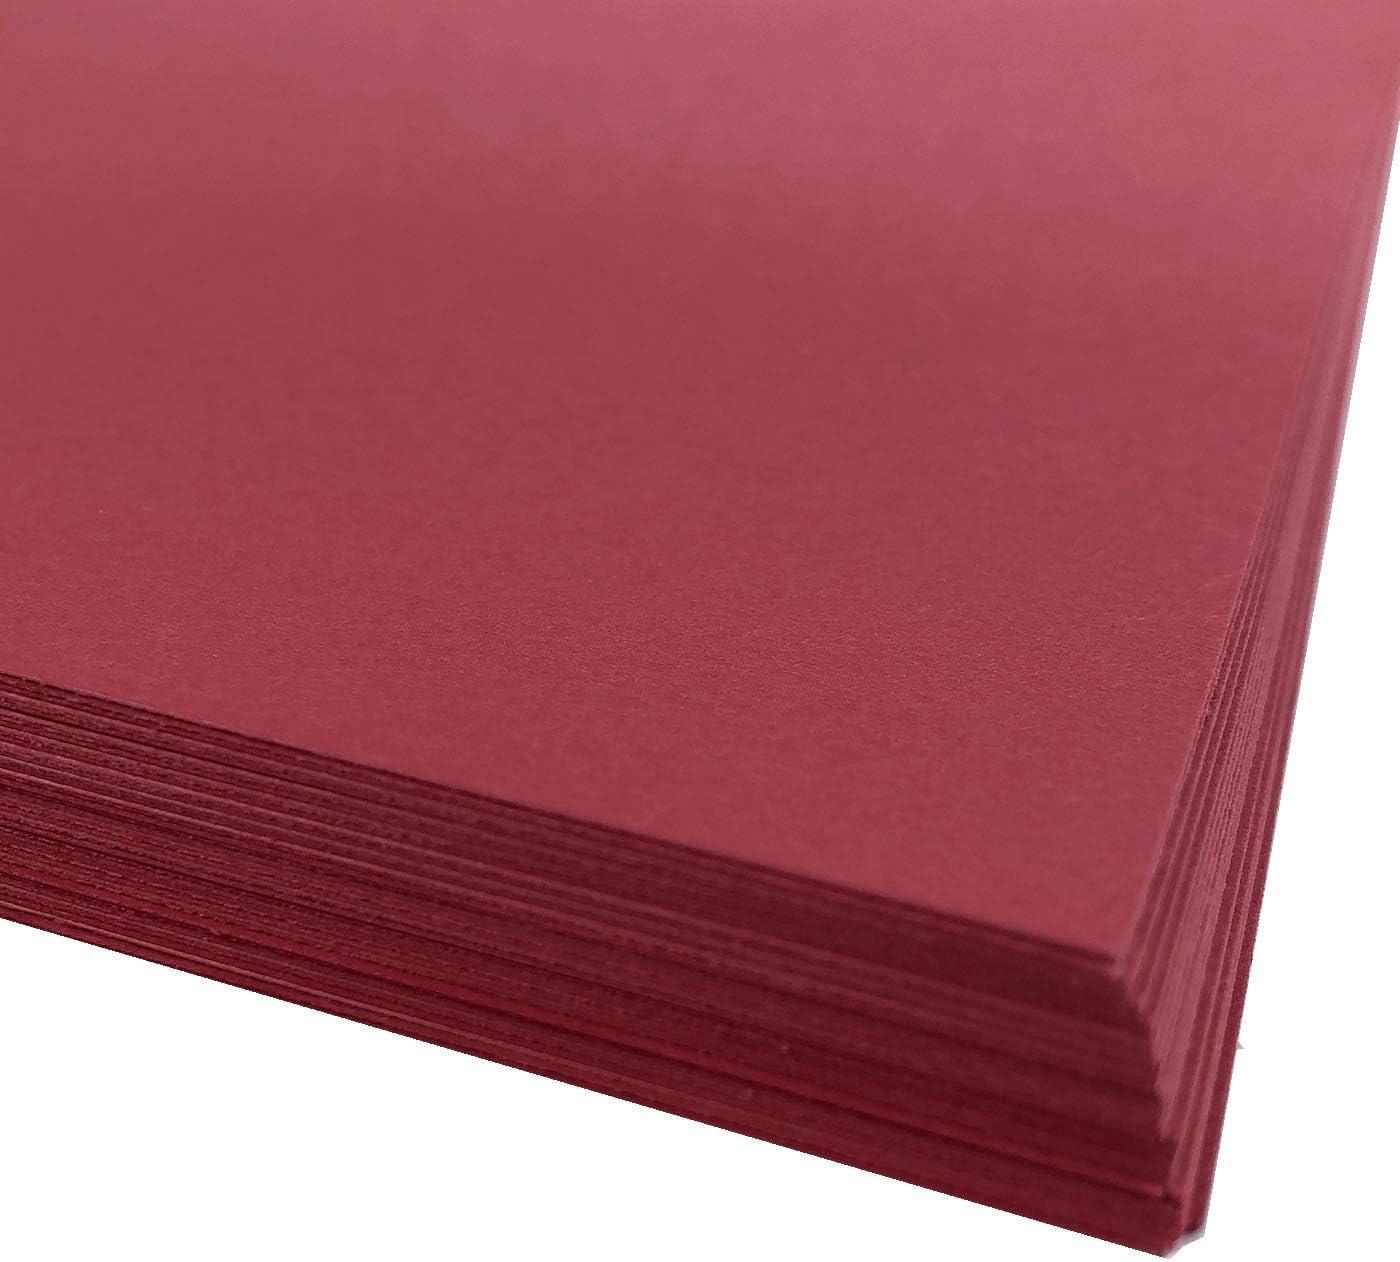 A4 Orange Kartonpapier Drucker Geeignet zum Basteln Farbige Bastelkarte Kopieren Kopieren von Kopierern Drucken 160 g//m/² 40 Blatt